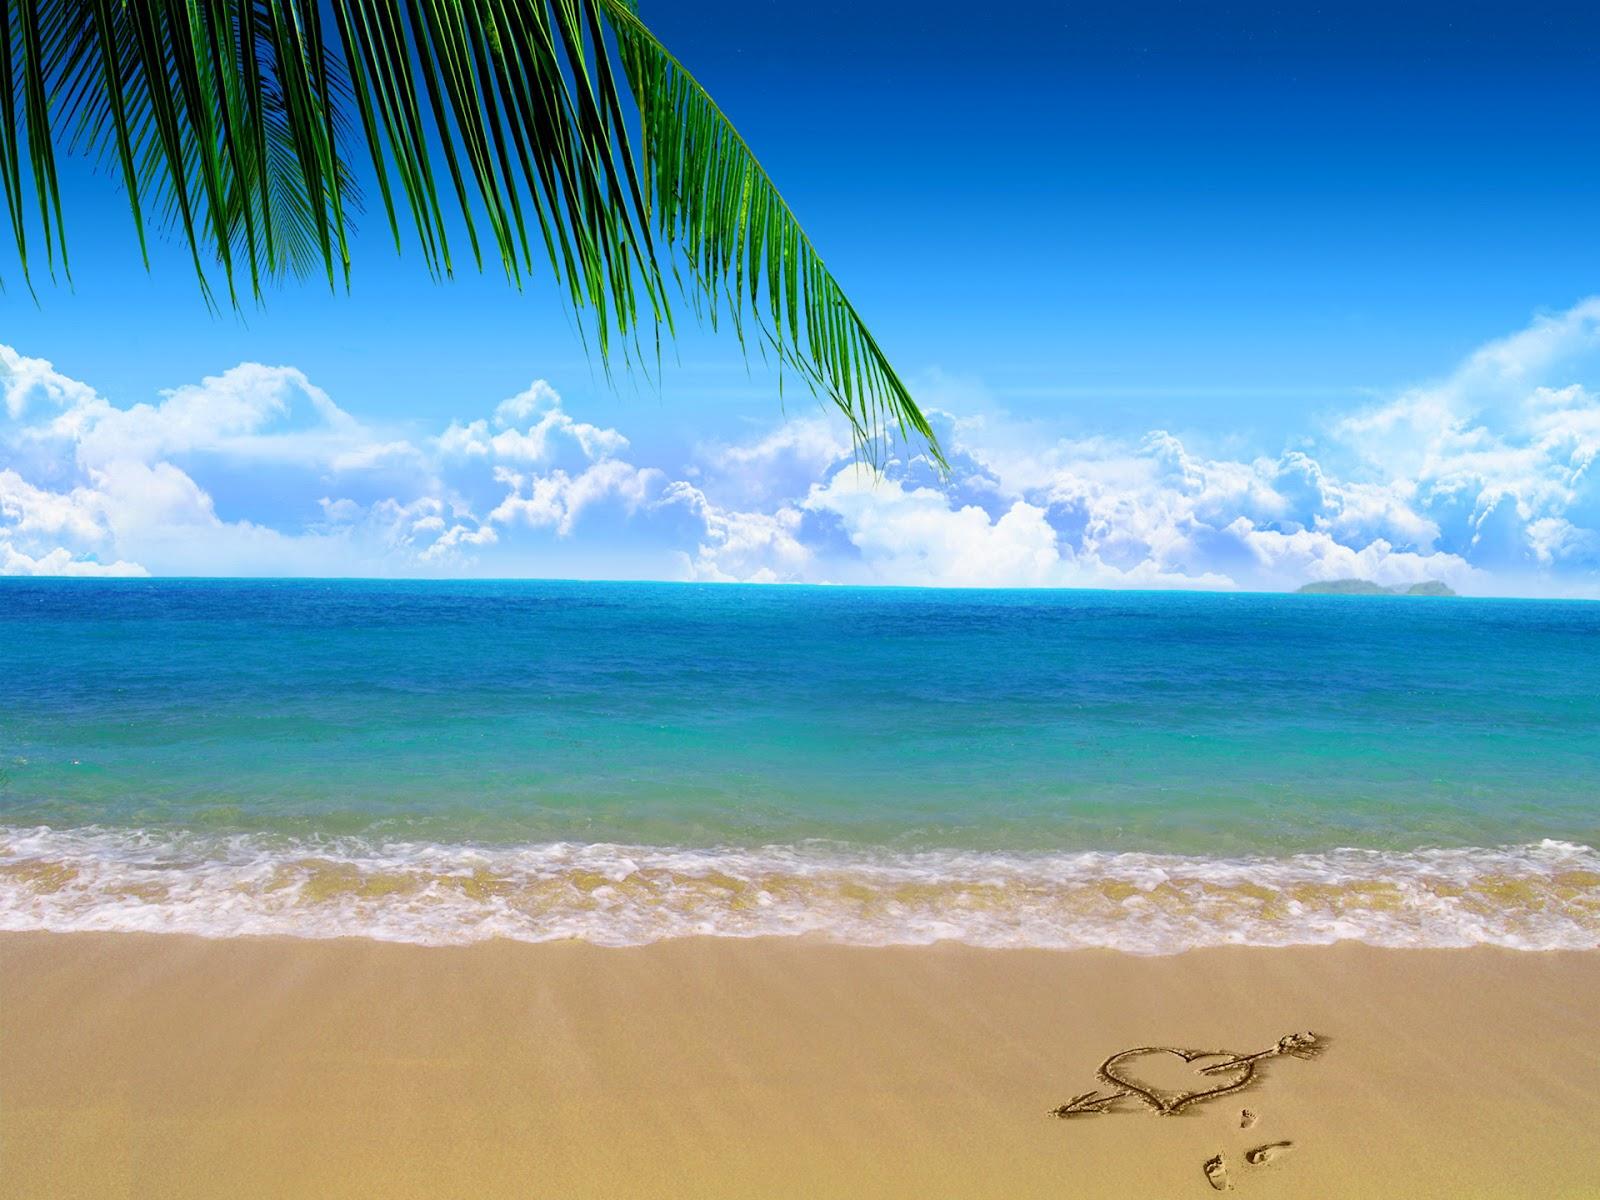 fondos de pantalla del coraz n de playa imagenes de